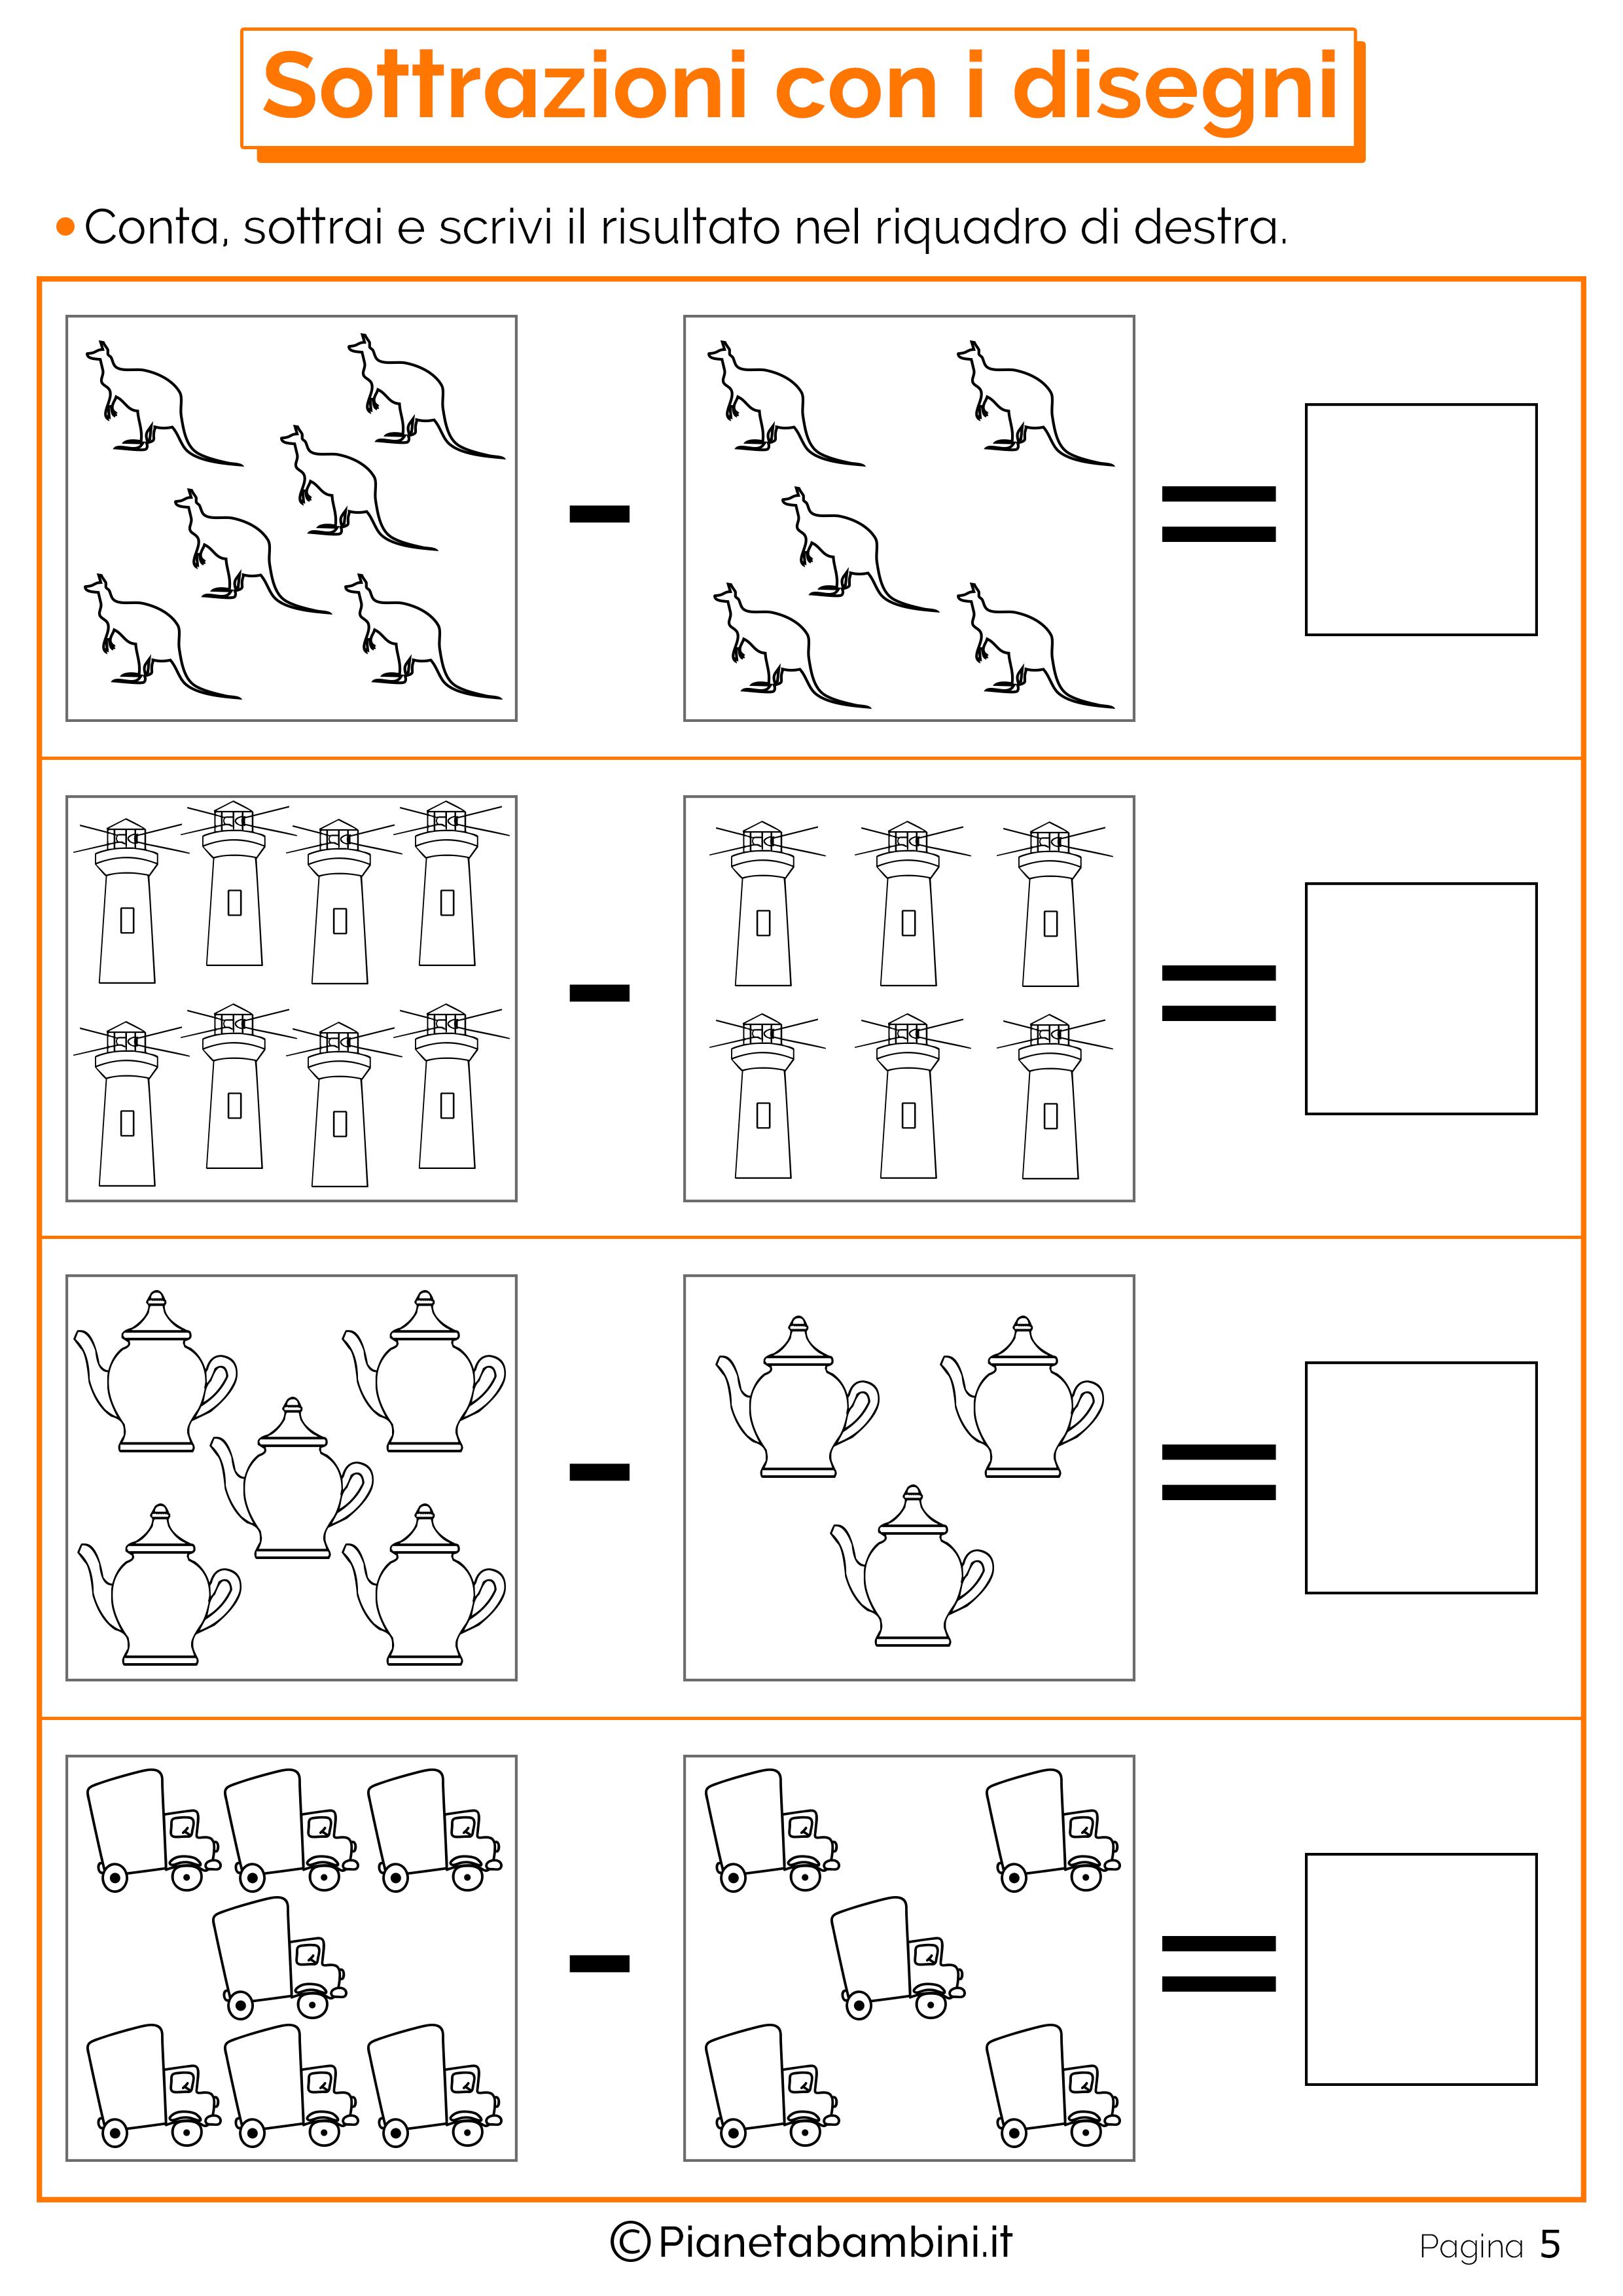 Sottrazioni-Disegni_5